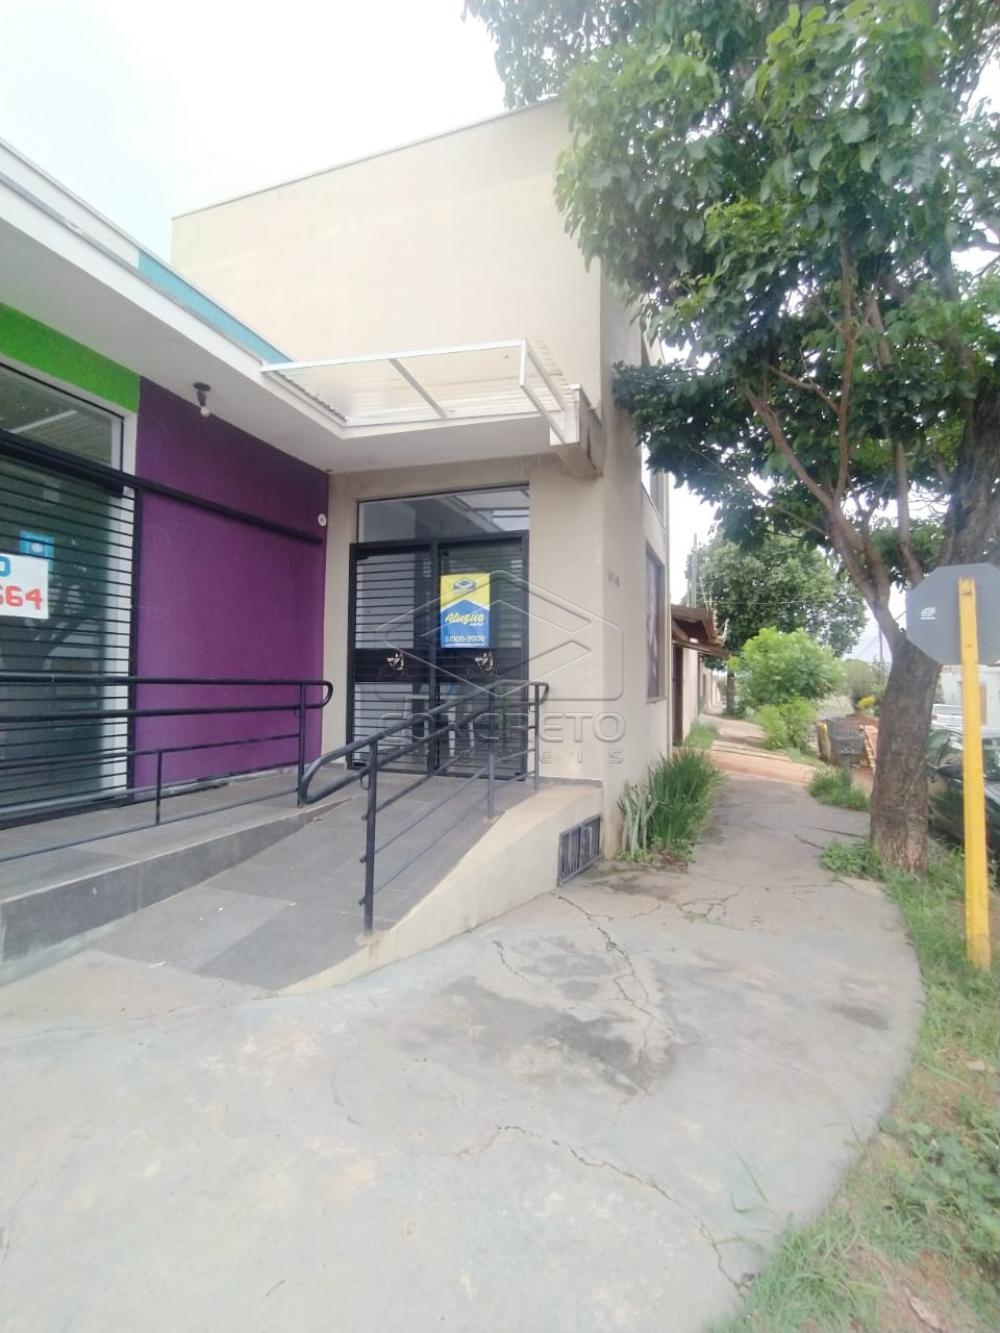 Alugar Comercial / Salão em Bauru R$ 700,00 - Foto 1